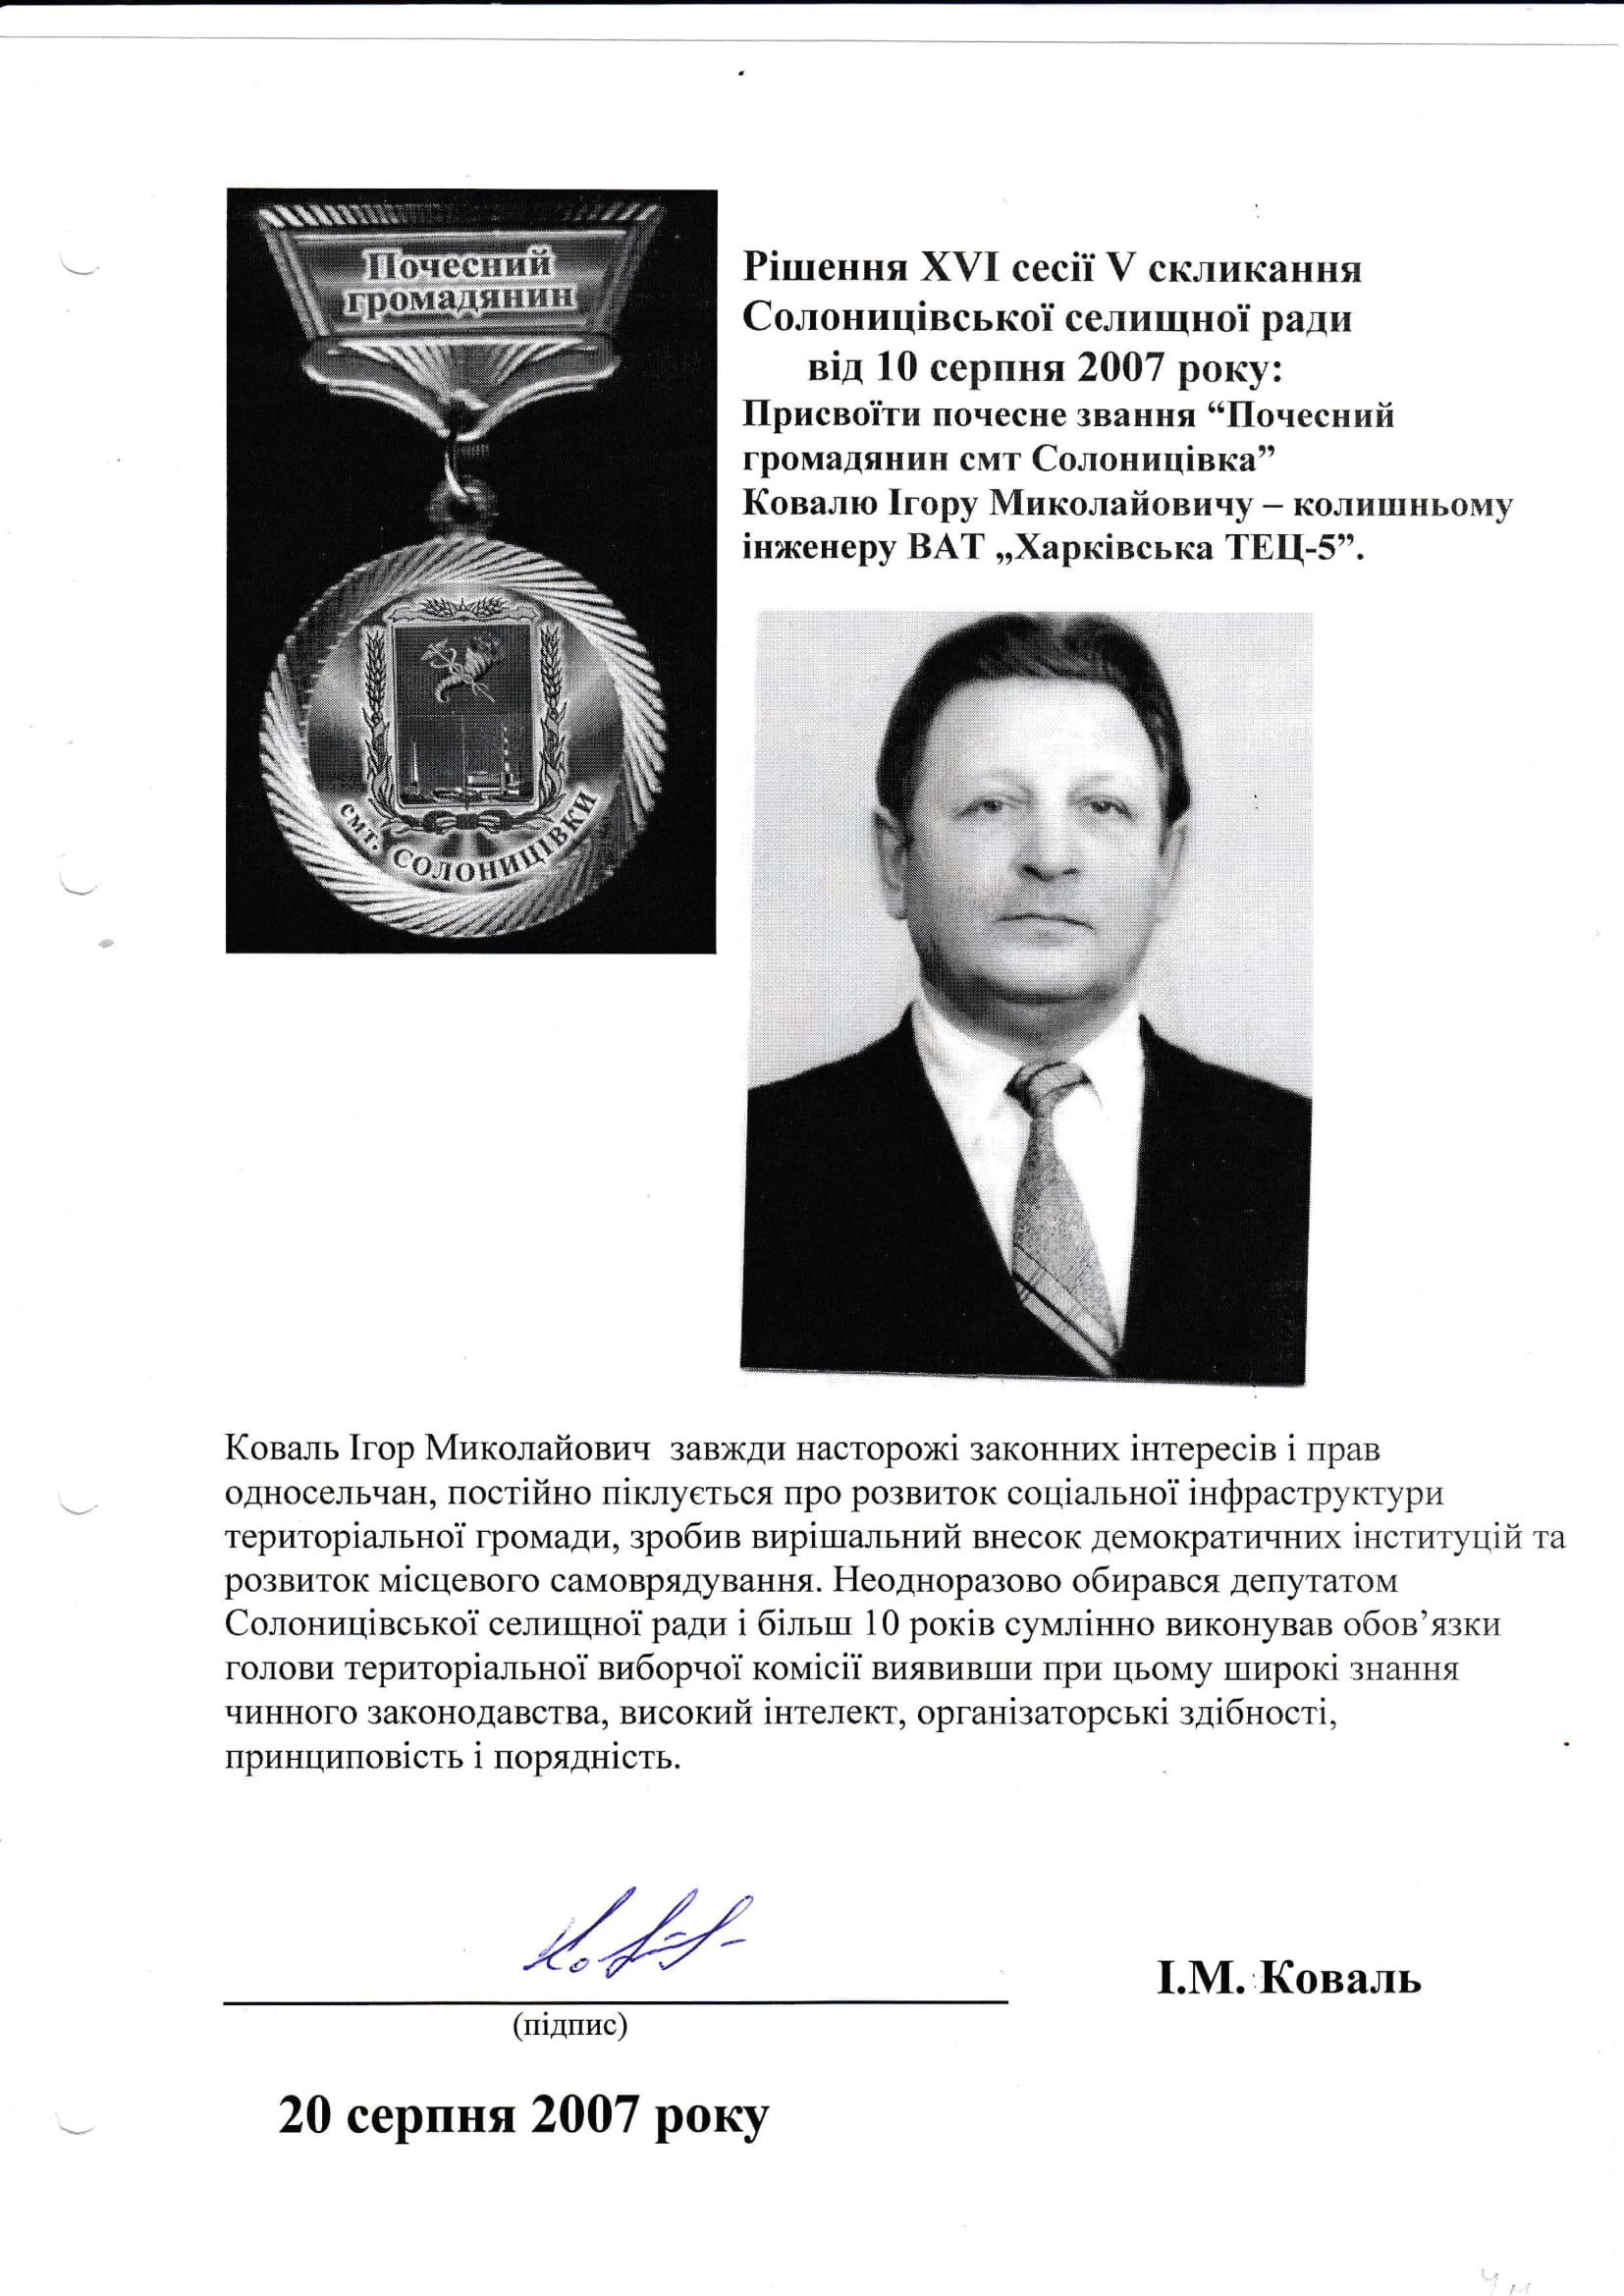 Коваль Ігор Миколайович